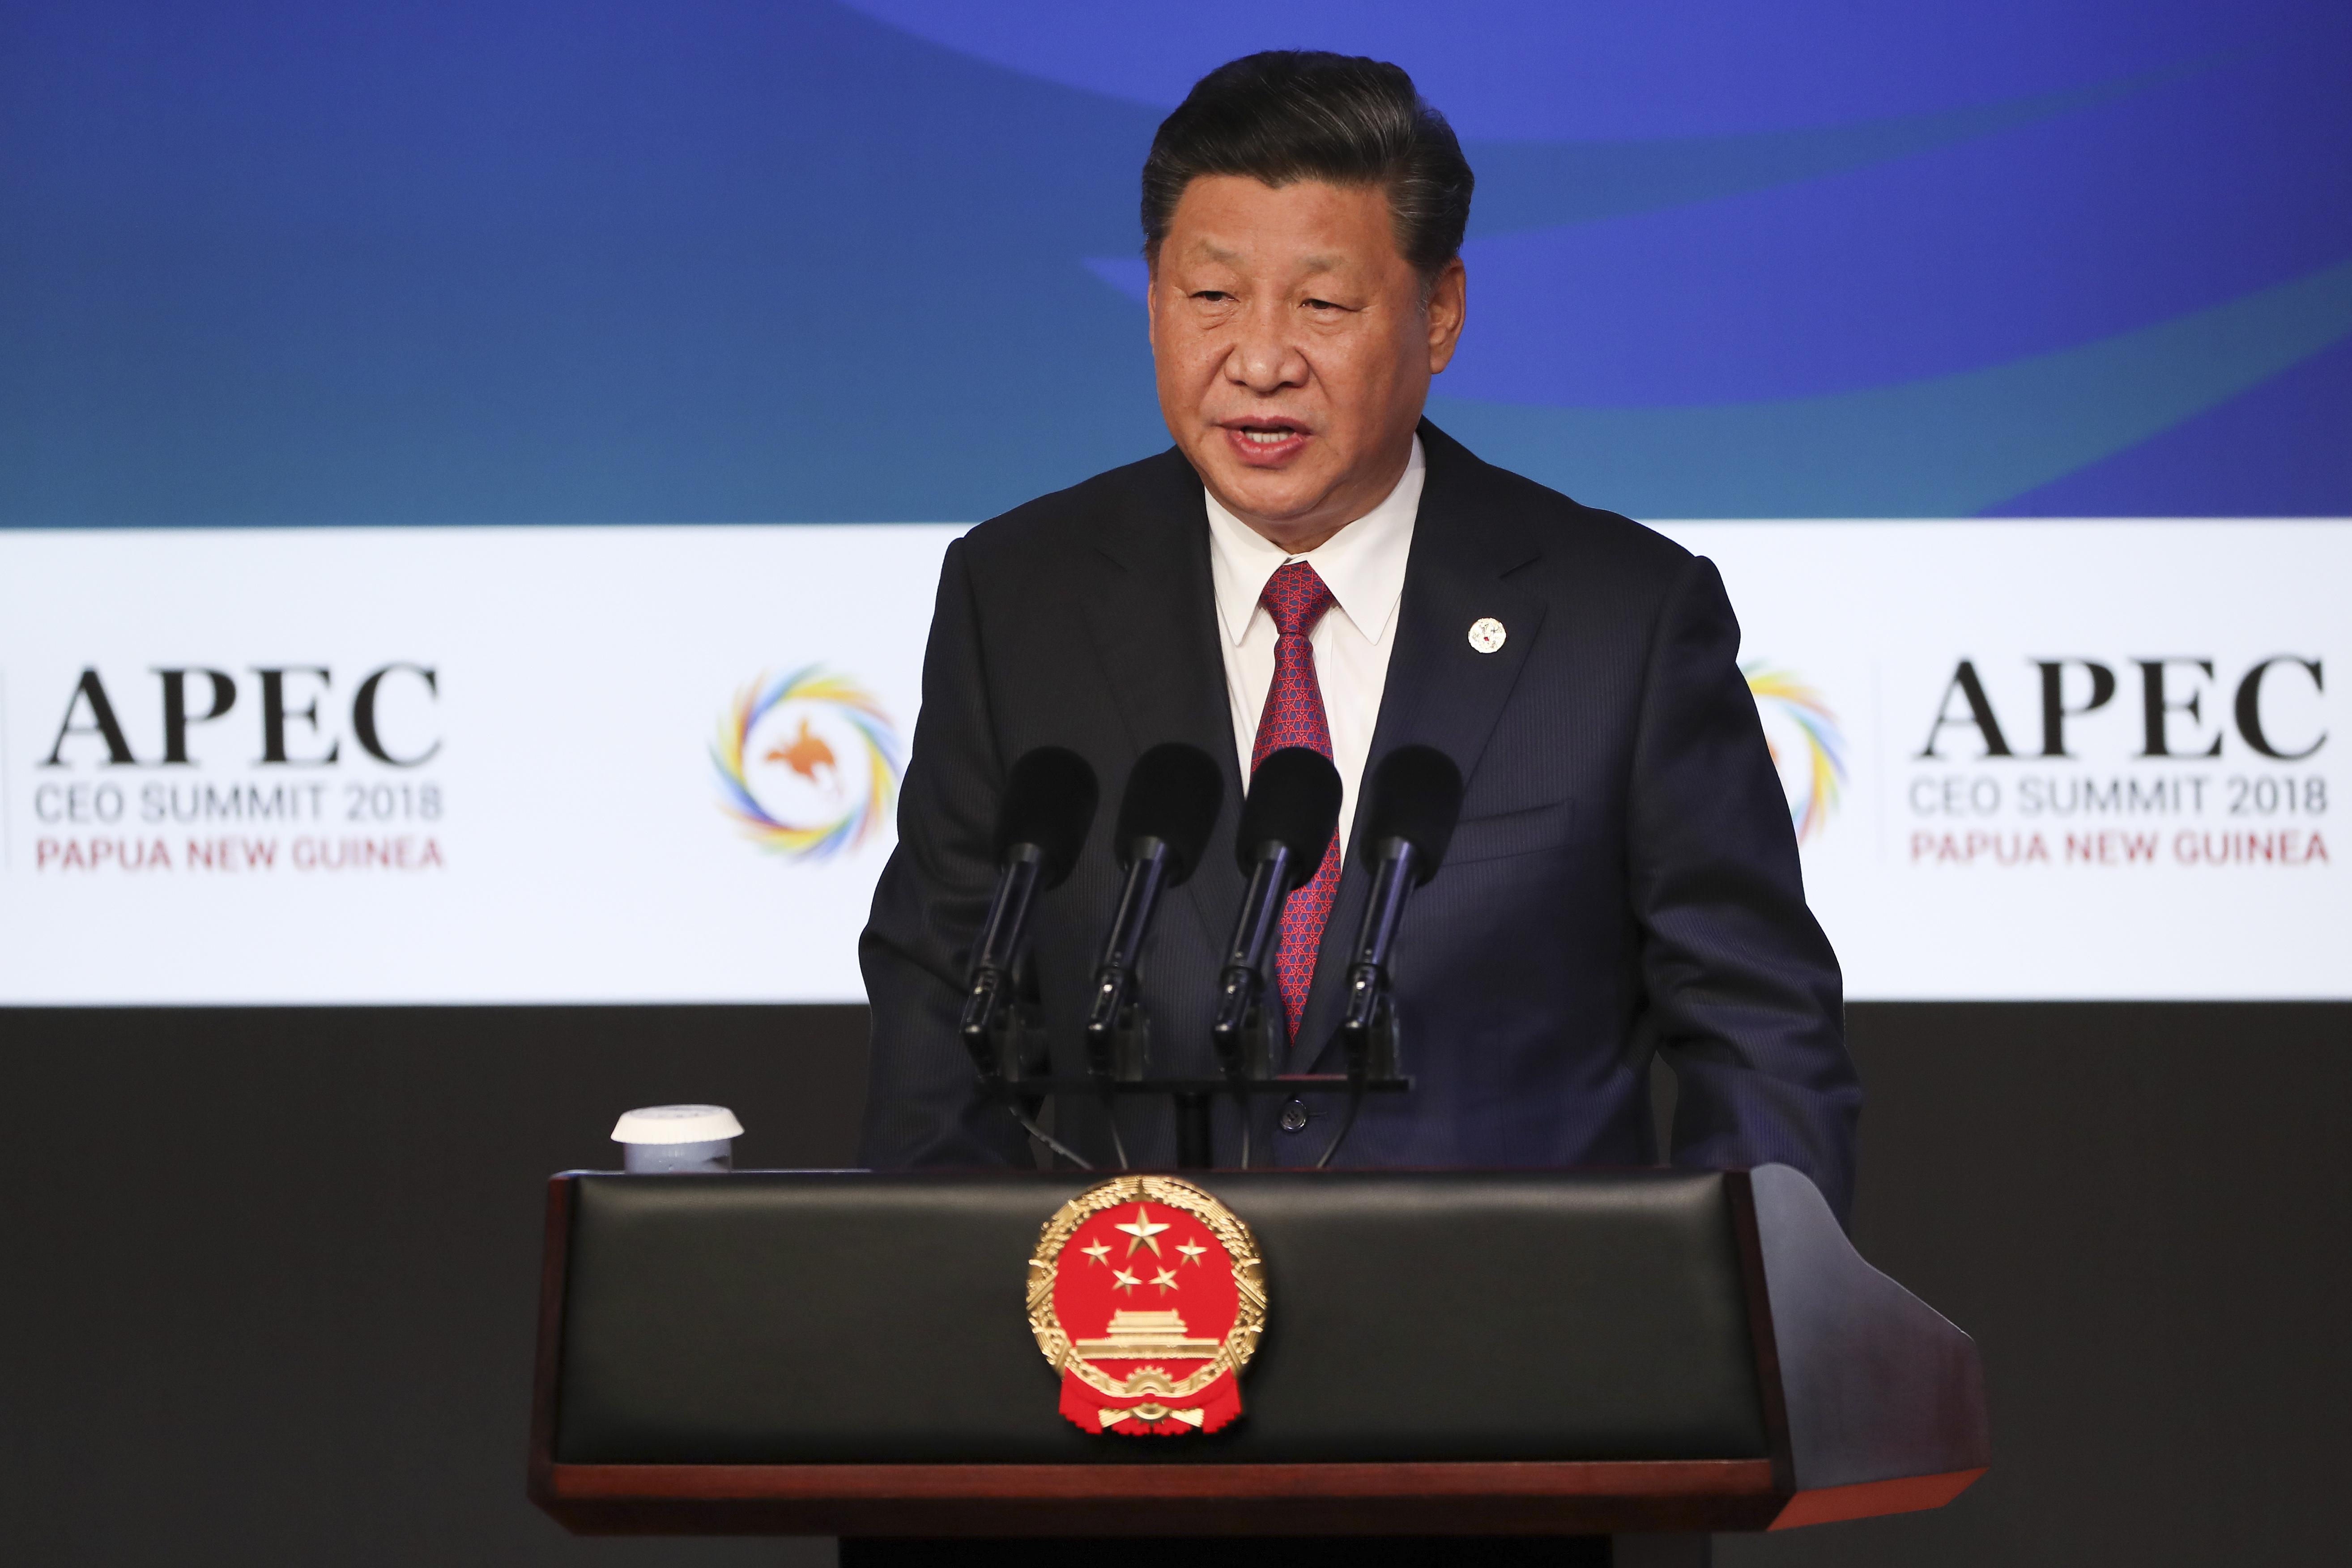 Kineski predsjednik će iduće godine posjetiti Sjevernu Koreju